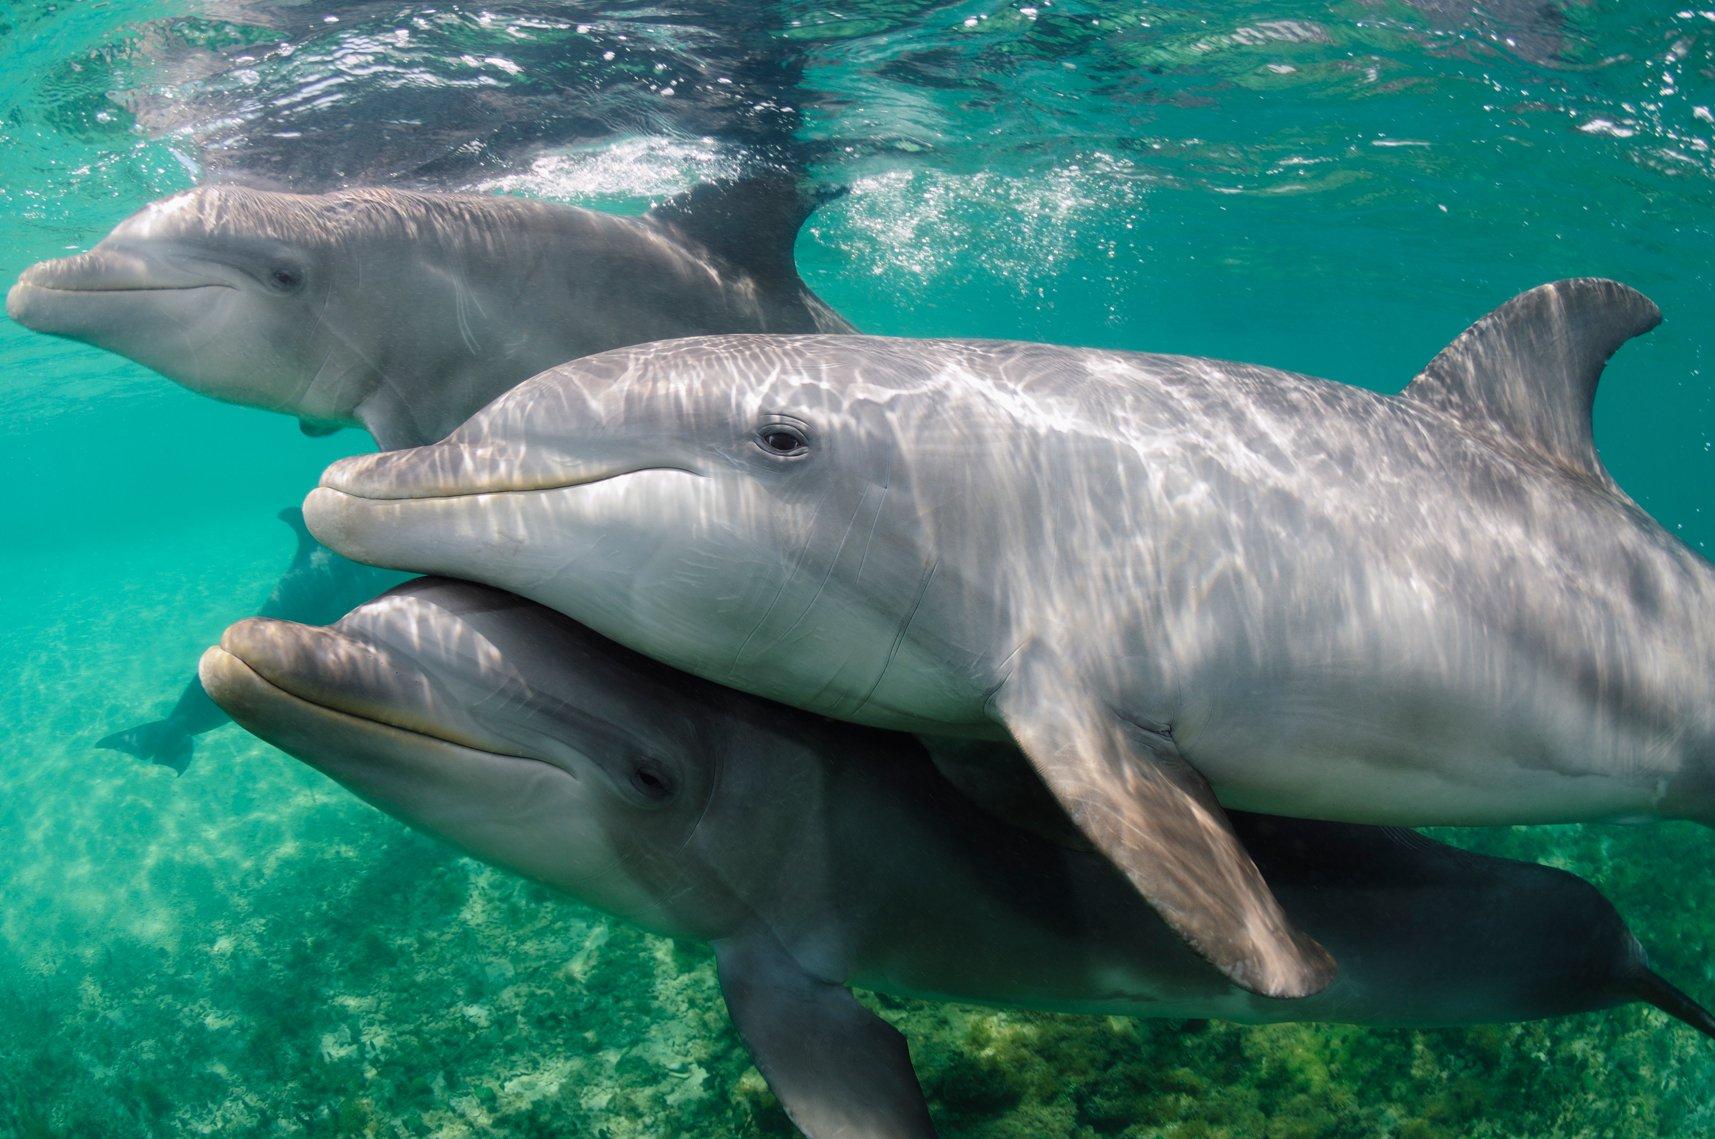 como se reproducen los delfines 1 - 15 increíbles datos curiosos que nunca imaginaste, ¡te van a sorprender!